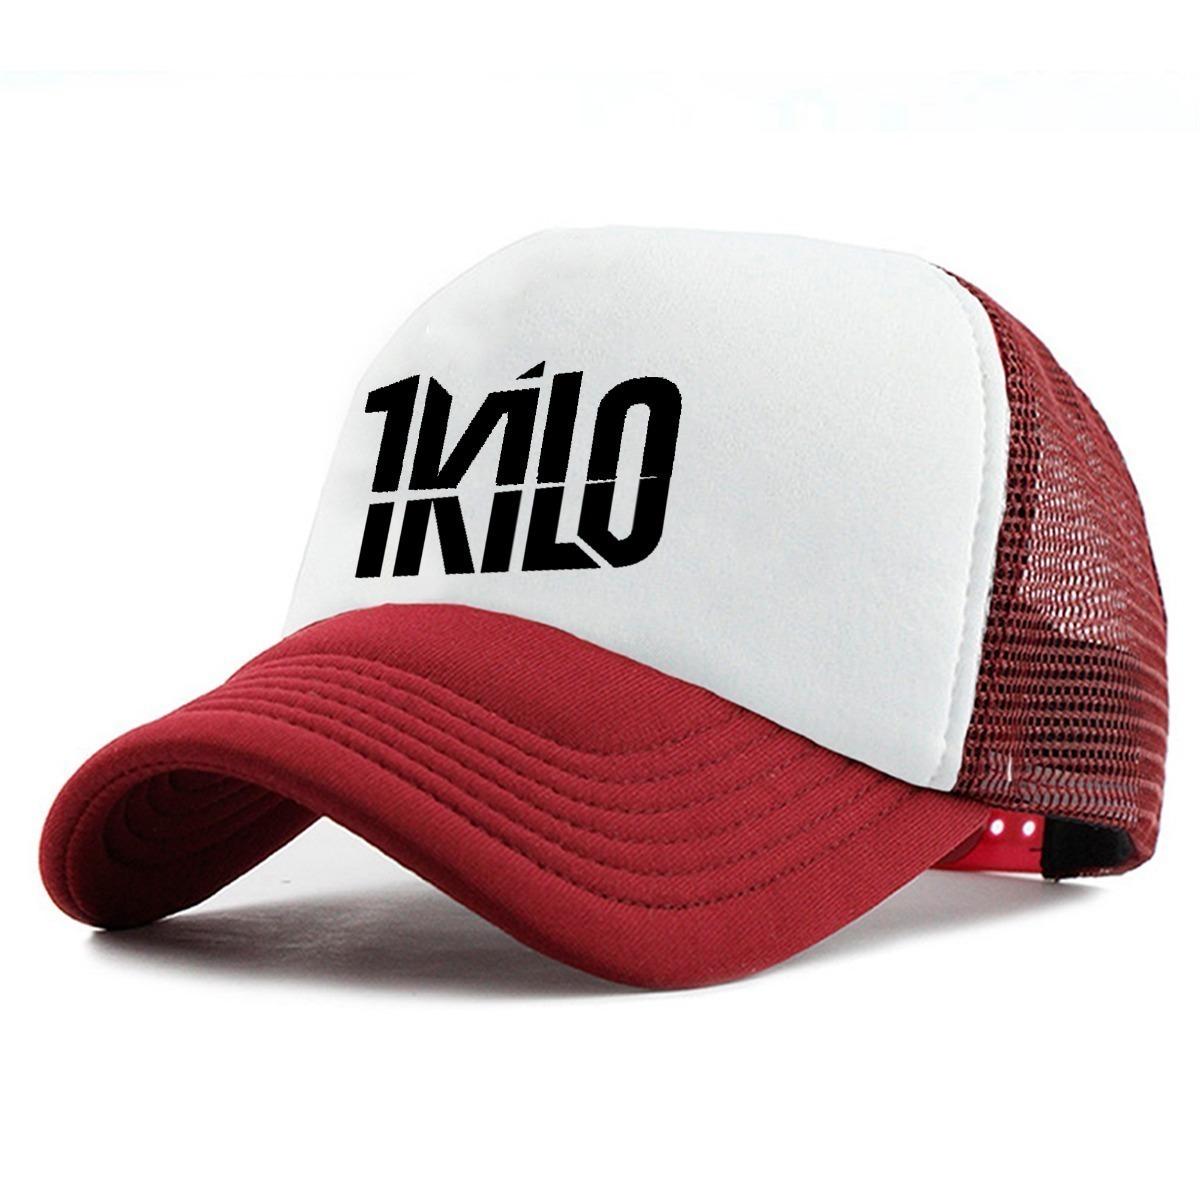 Boné Trucker Telinha 1kilo 1 Kilo Rap Swag Hip Hop Bone Novo - R  33 ... 3e71f2e0b17